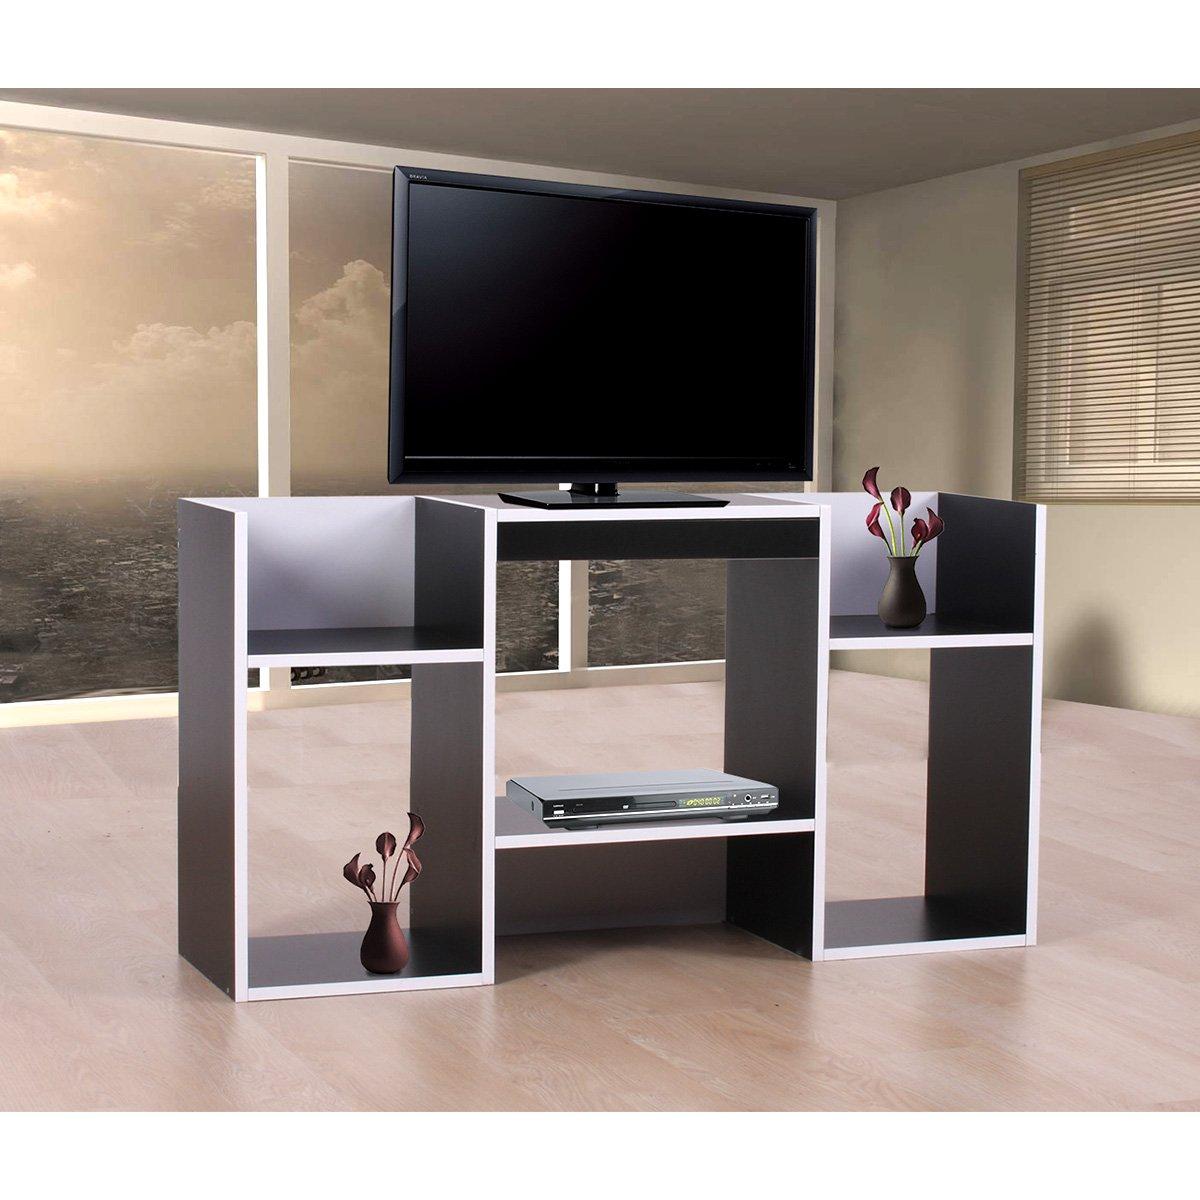 Muebles modernos para tv con cu l te quedas homy for Muebles modulares modernos para tv